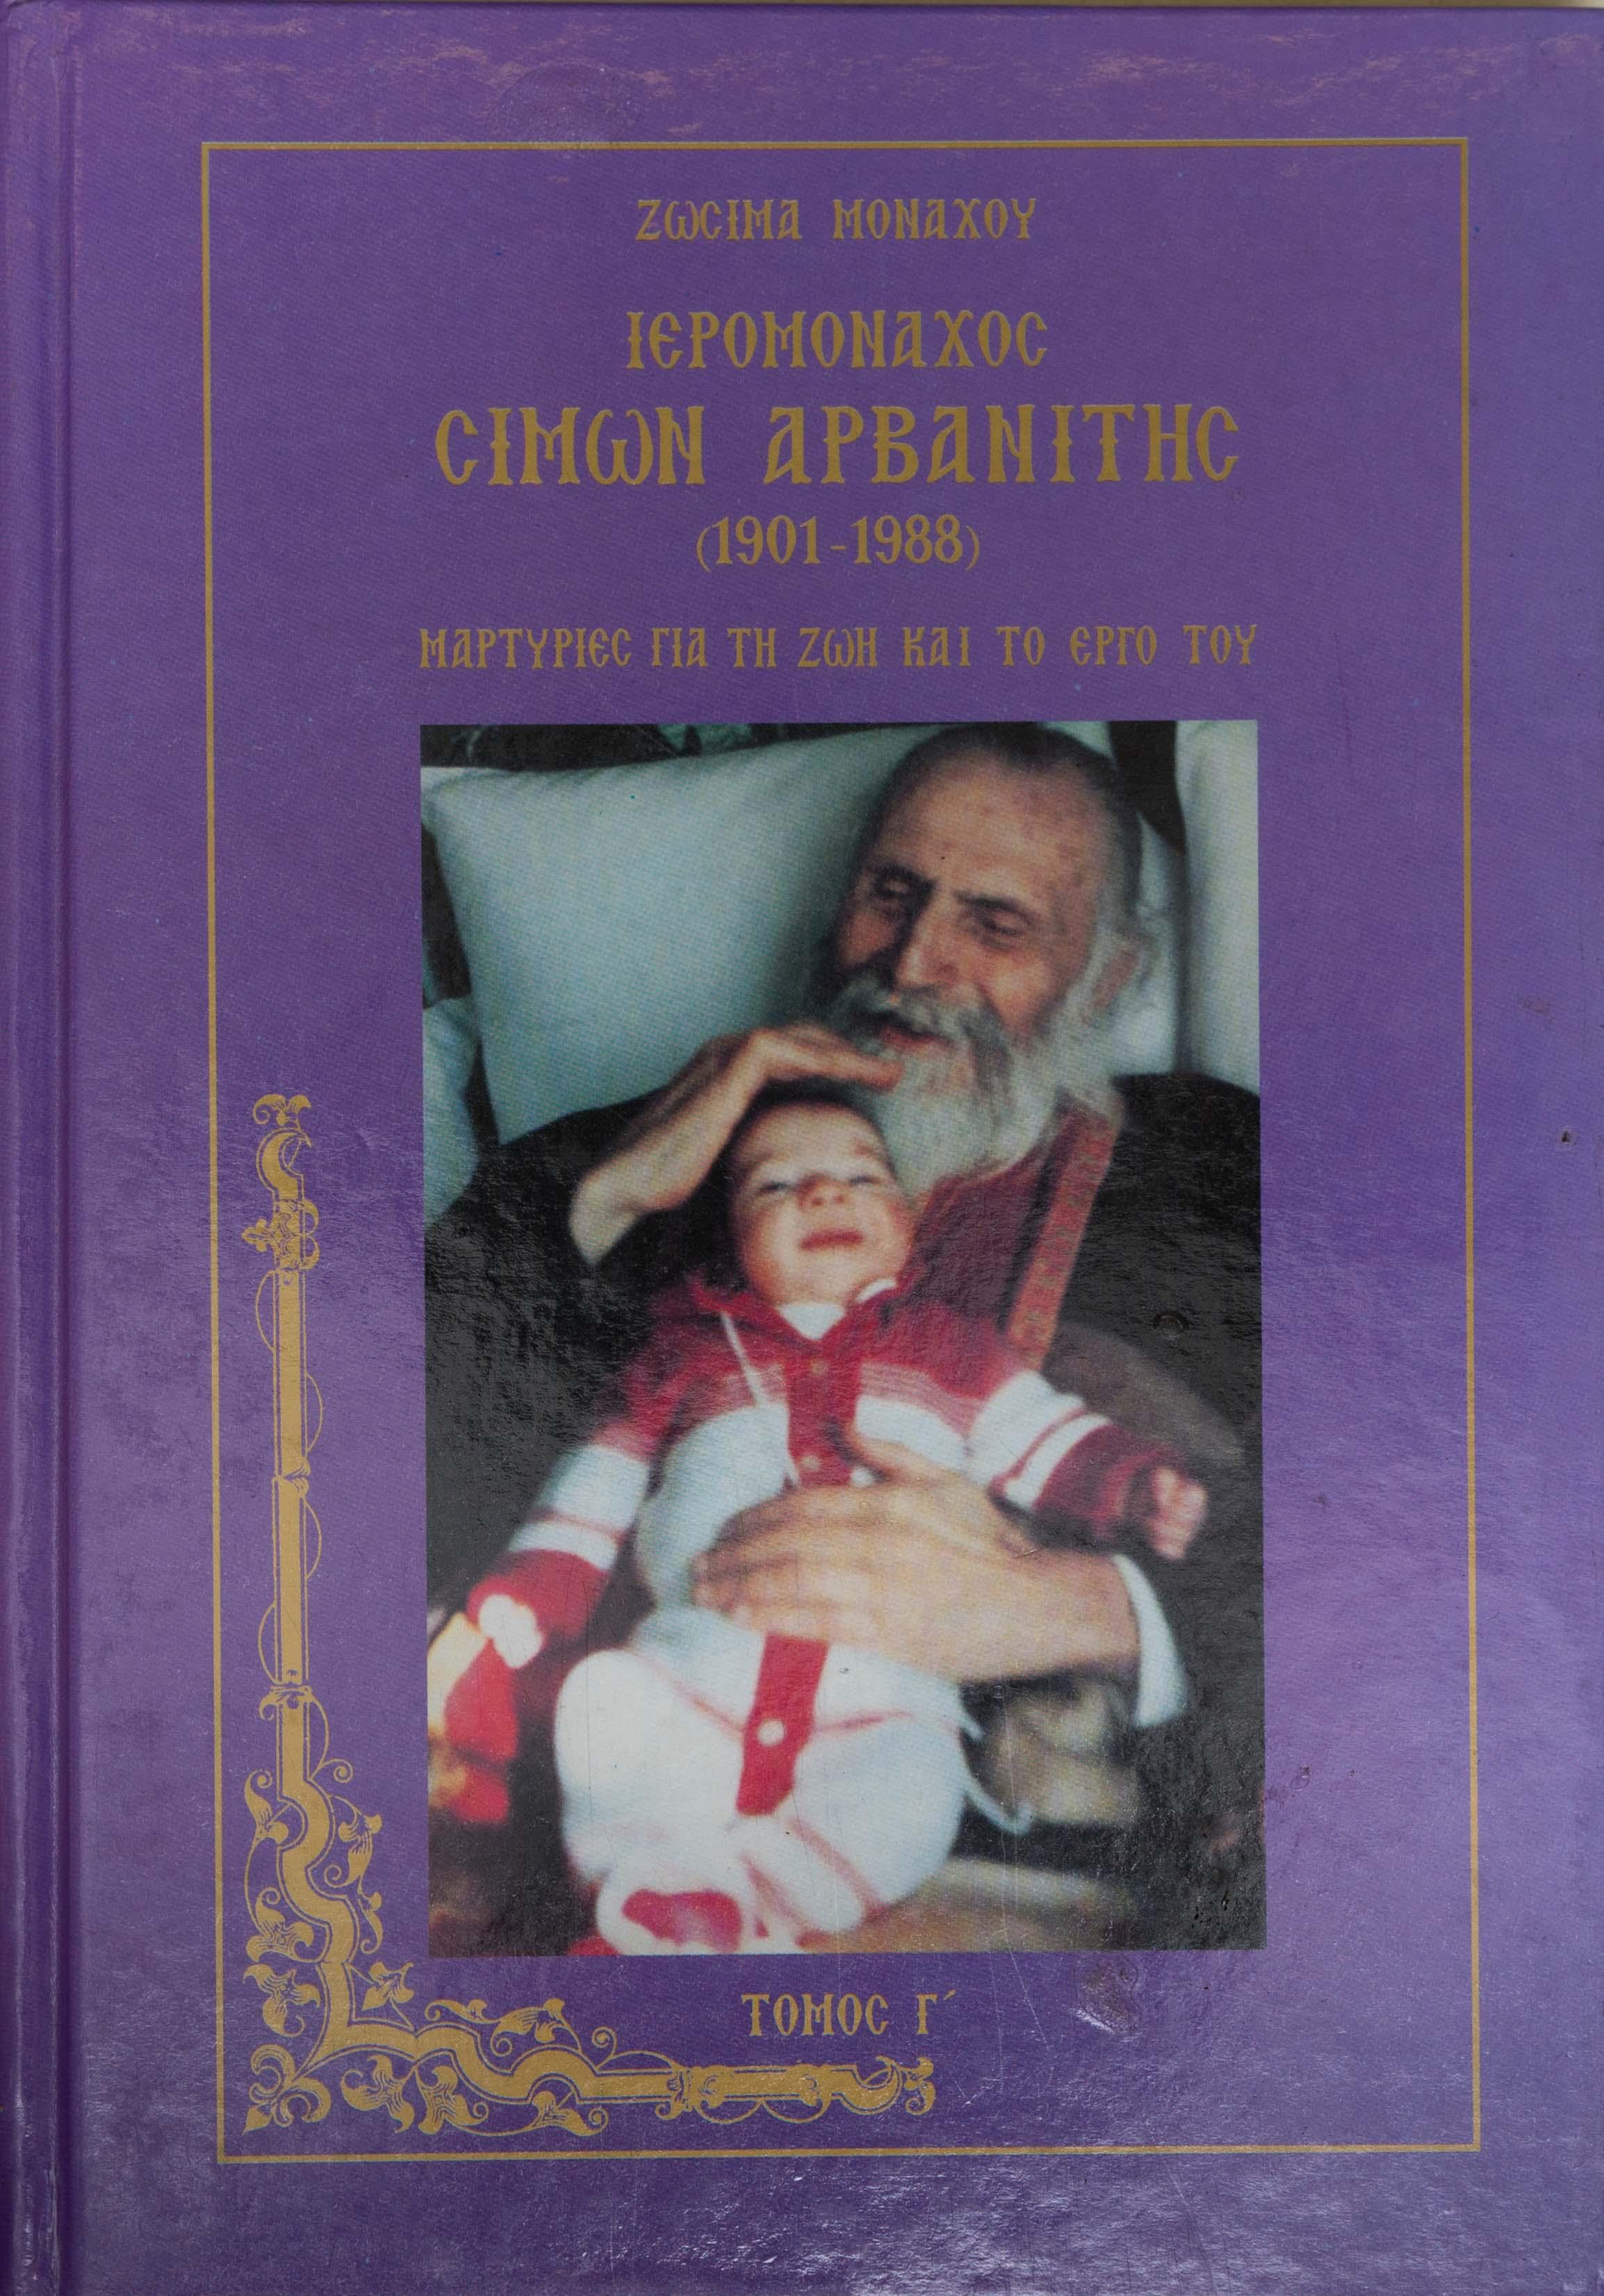 Ιερομόναχος Σίμον Αρβανίτης 1901-1988 Μαρτυρίες για τη Ζωή και το Εργο του   Τόμος Γ'